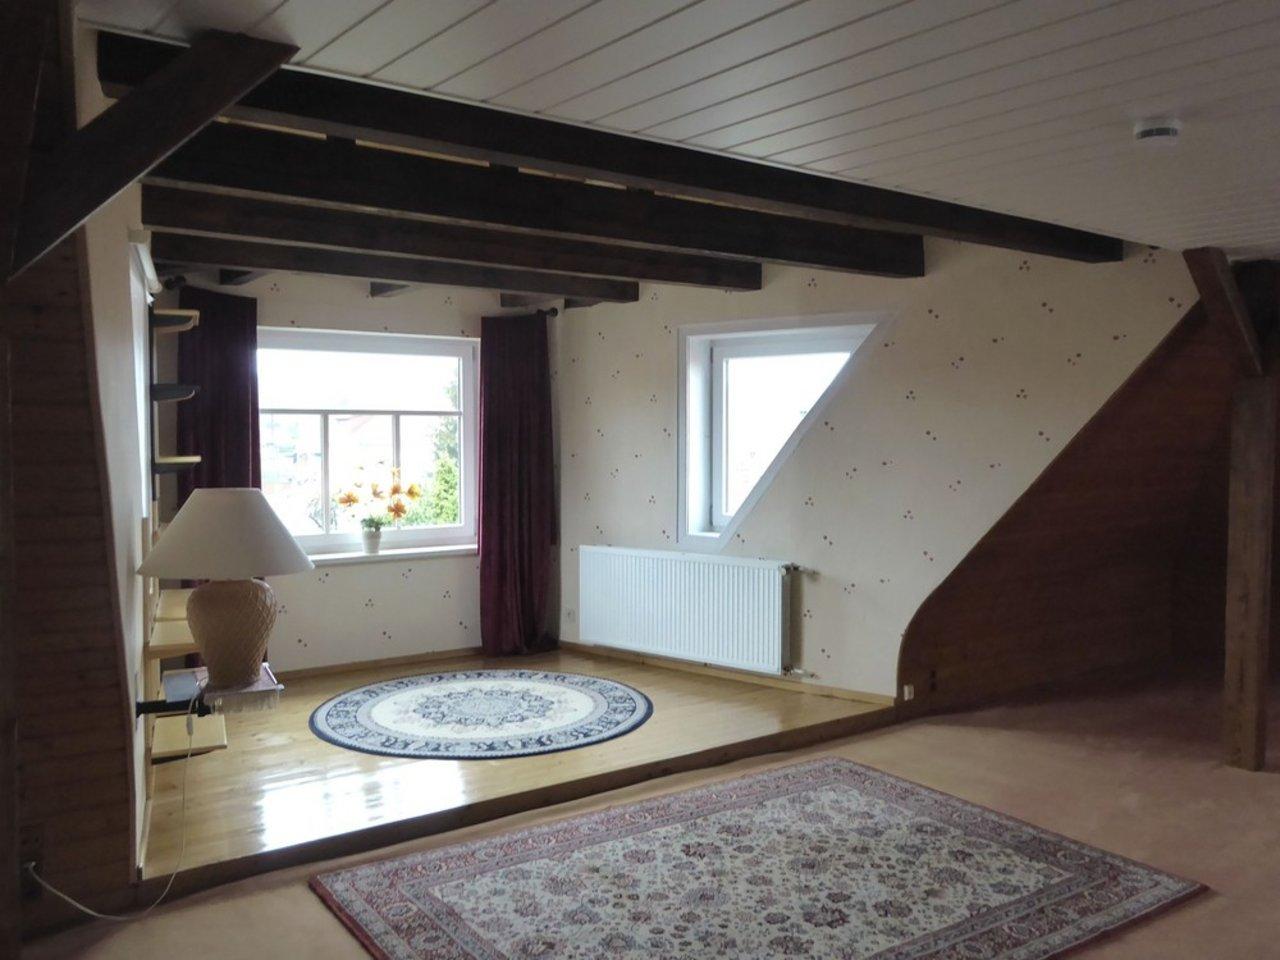 Großzügige, gepflegte Wohnung mit sonniger Terrasse in Witzleben-Wohnbereich im DG